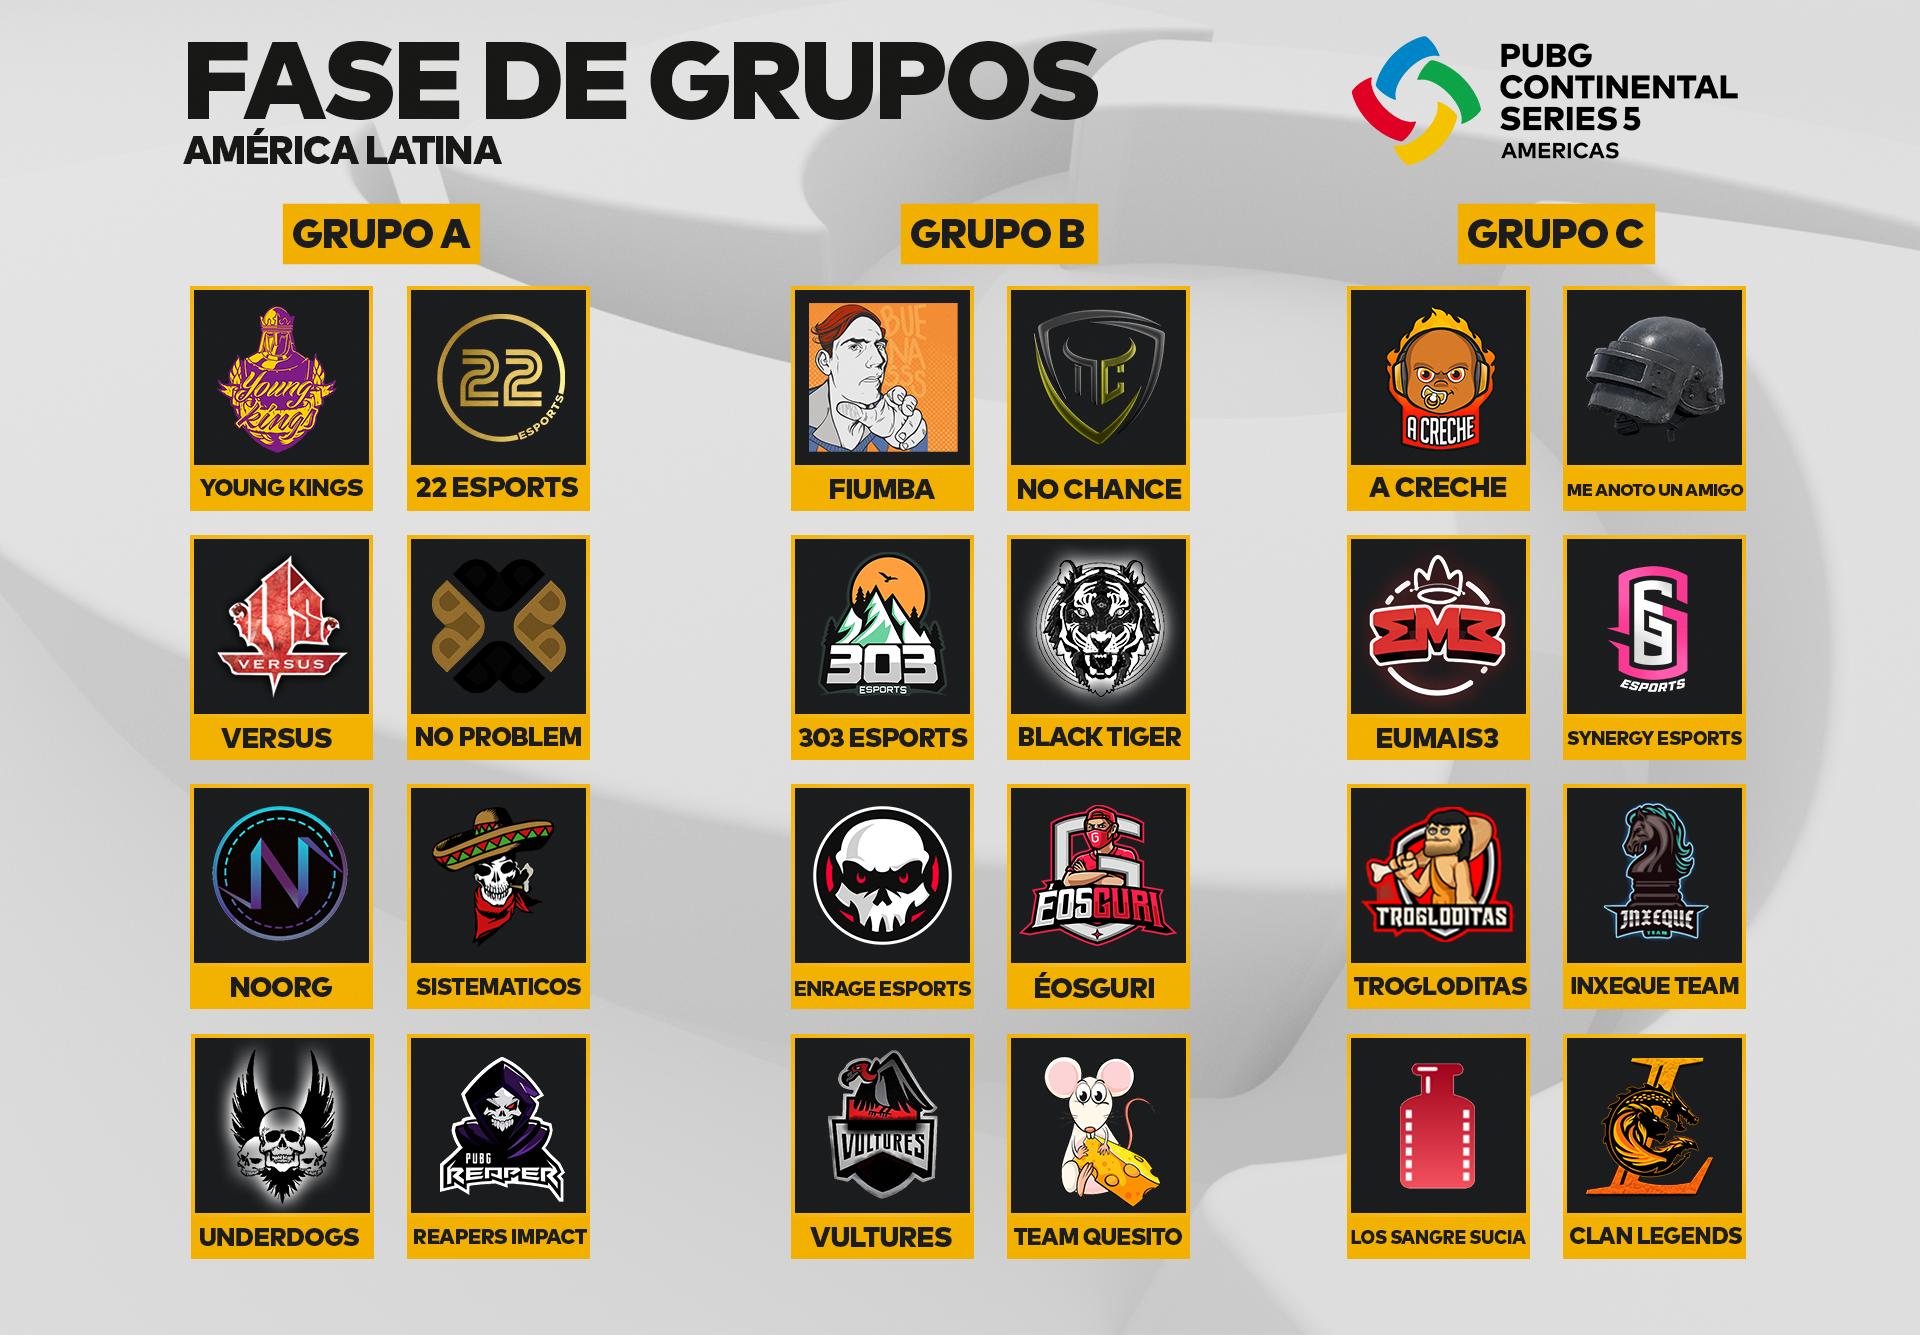 Grupos da Fase de Grupos da América Latina da PCS5 Américas